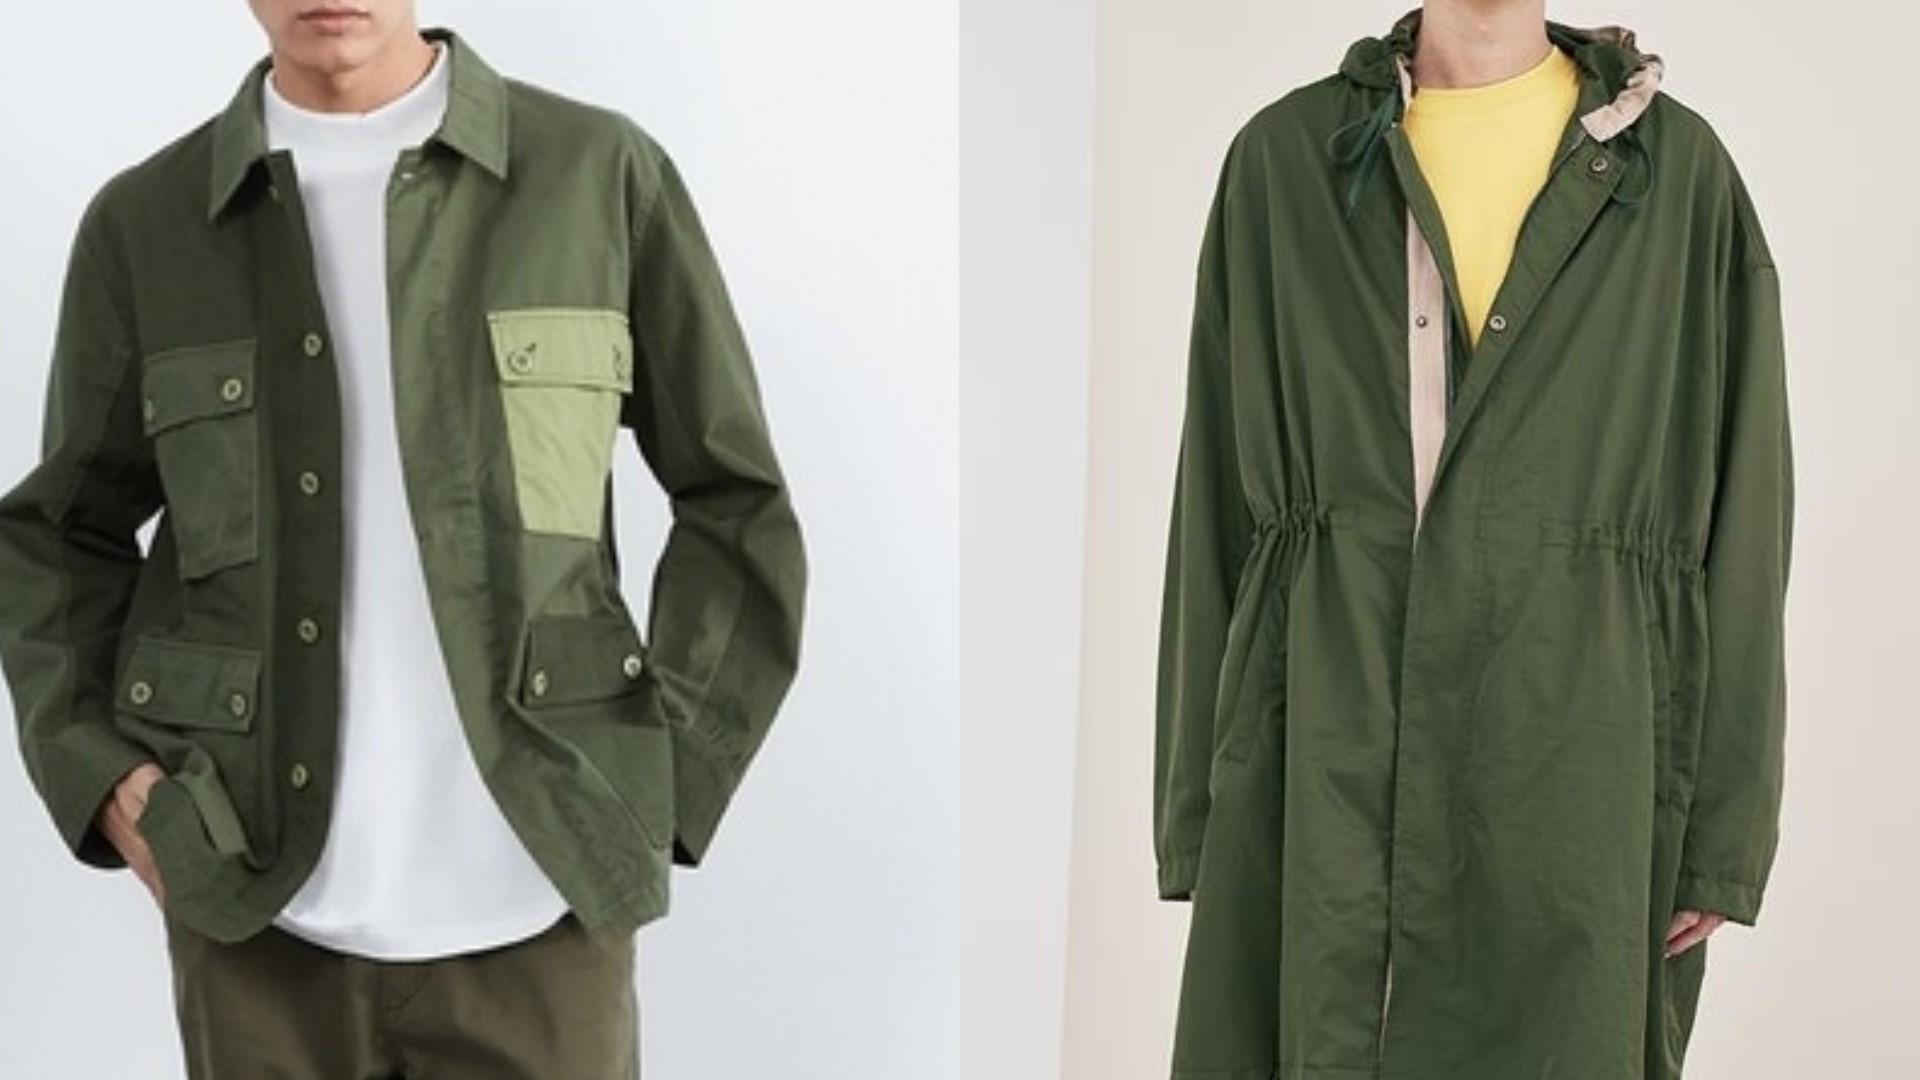 軍綠單品指南|男子衣櫃中的必備色,本季就以軍綠色單品提升你的穿搭格度